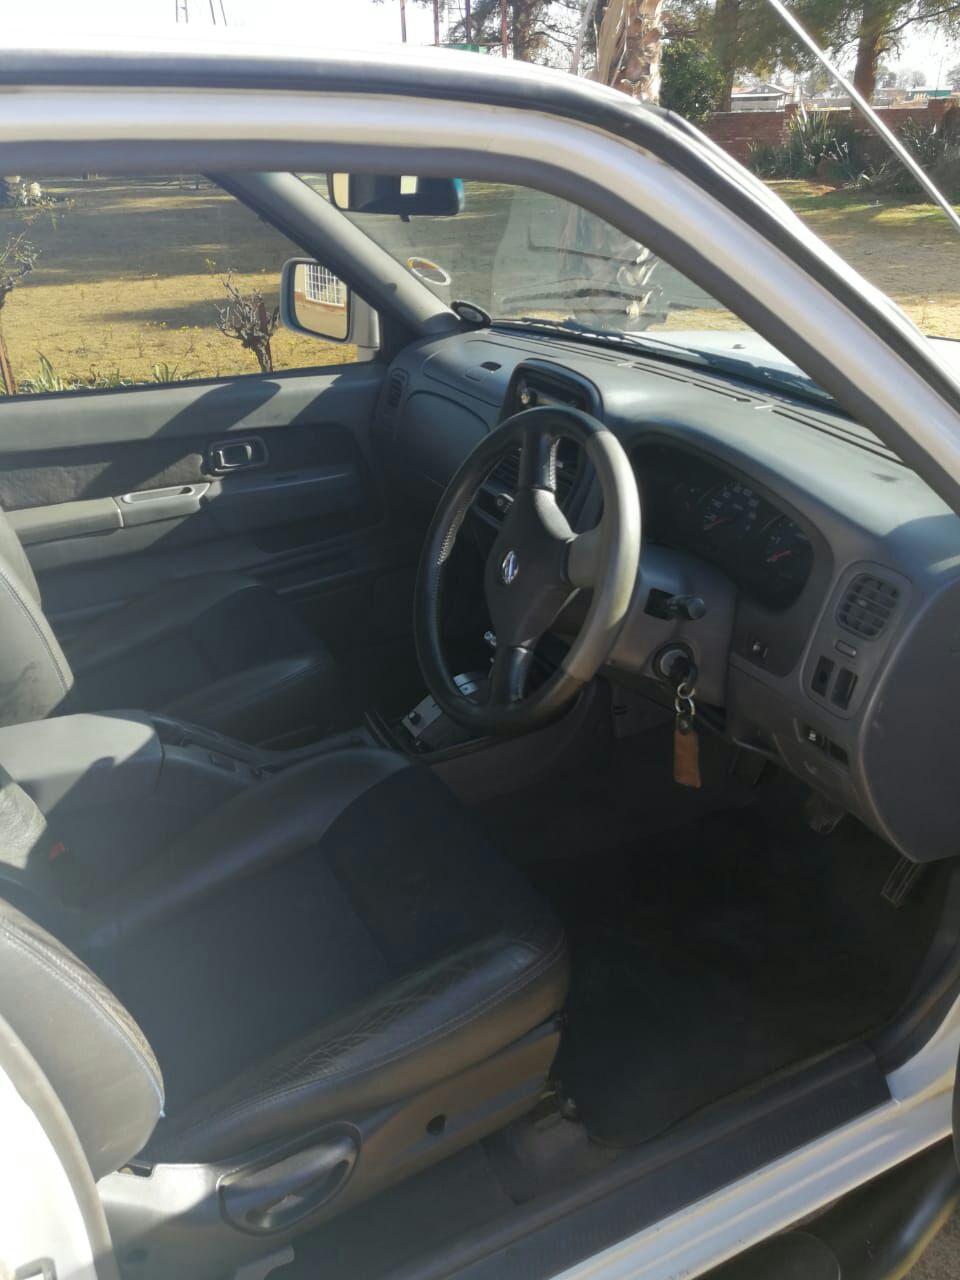 2007 Nissan Hardbody 3.0 16V TD KingCab Hi rider